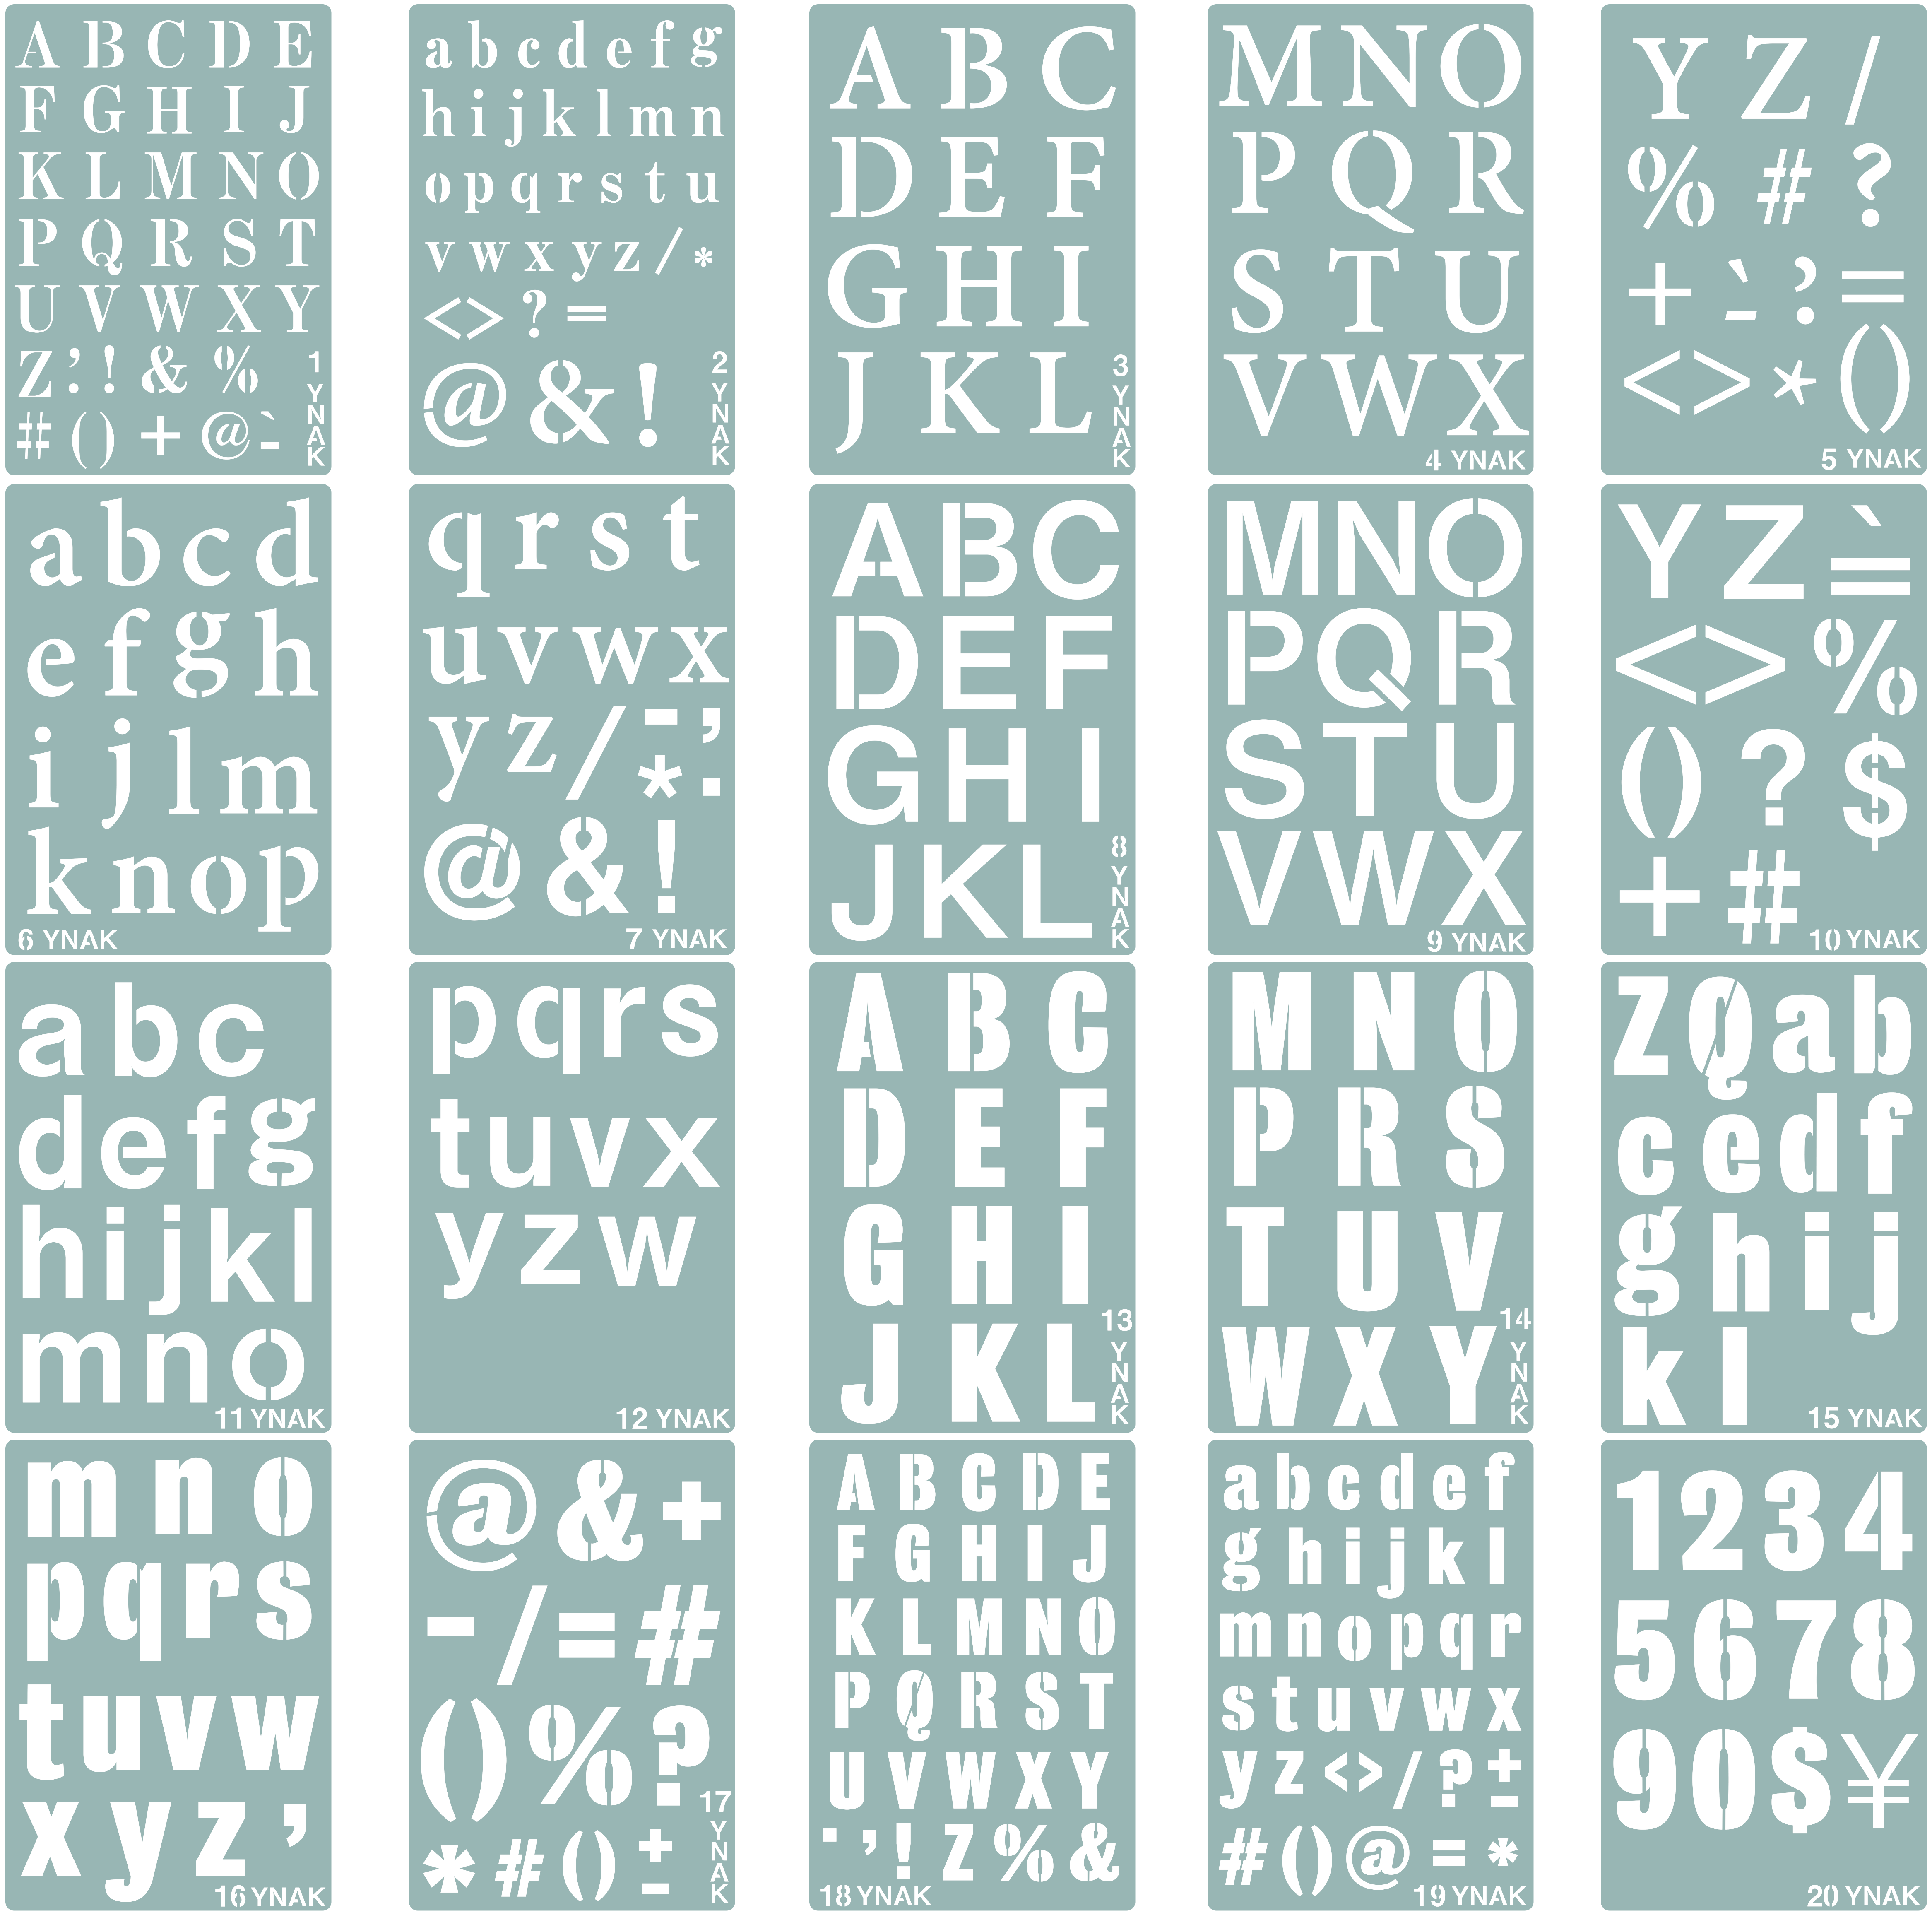 ステンシルシート アルファベット 大 小文字 数字 均等 テンプレート ステンシルプレート 型 メッセージ ジャーナルカード グリーティング 26cm×18cm 20枚 YNAK